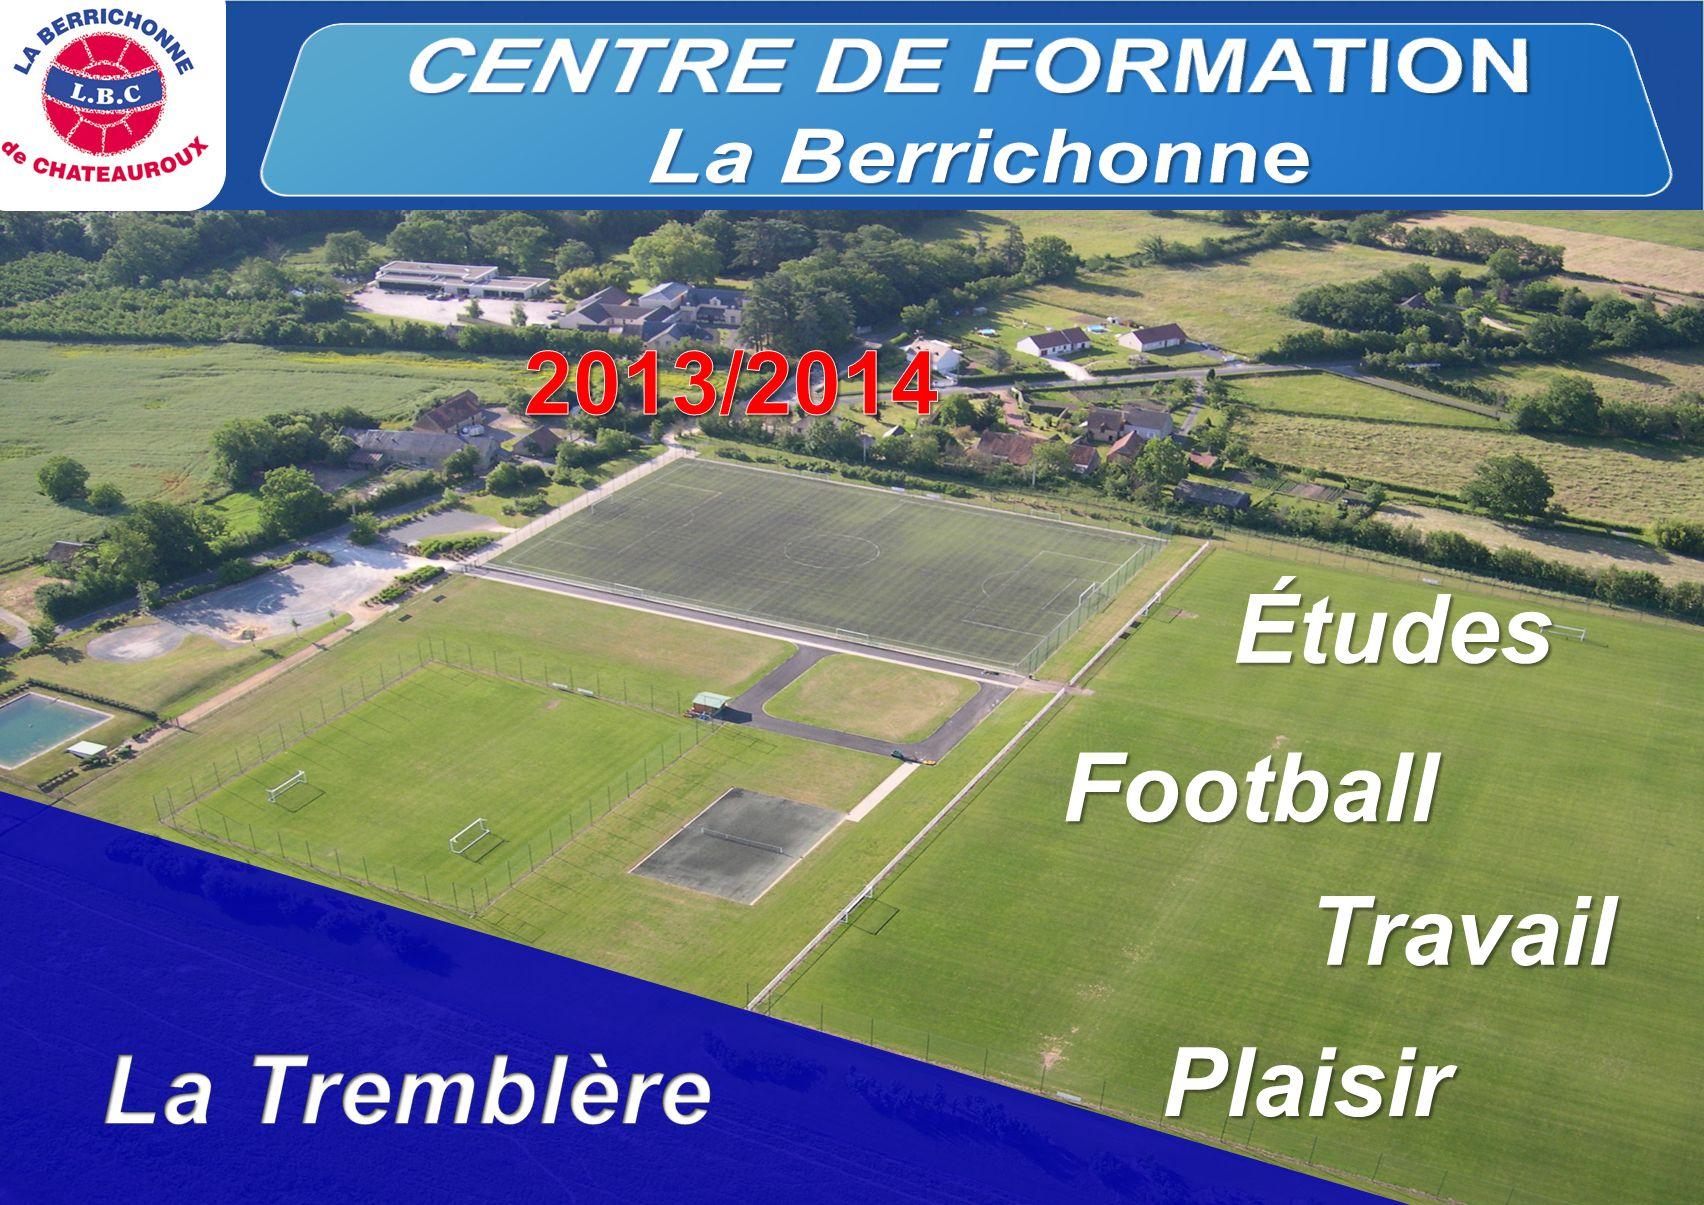 CENTRE DE FORMATION Études Football Travail Plaisir La Tremblère